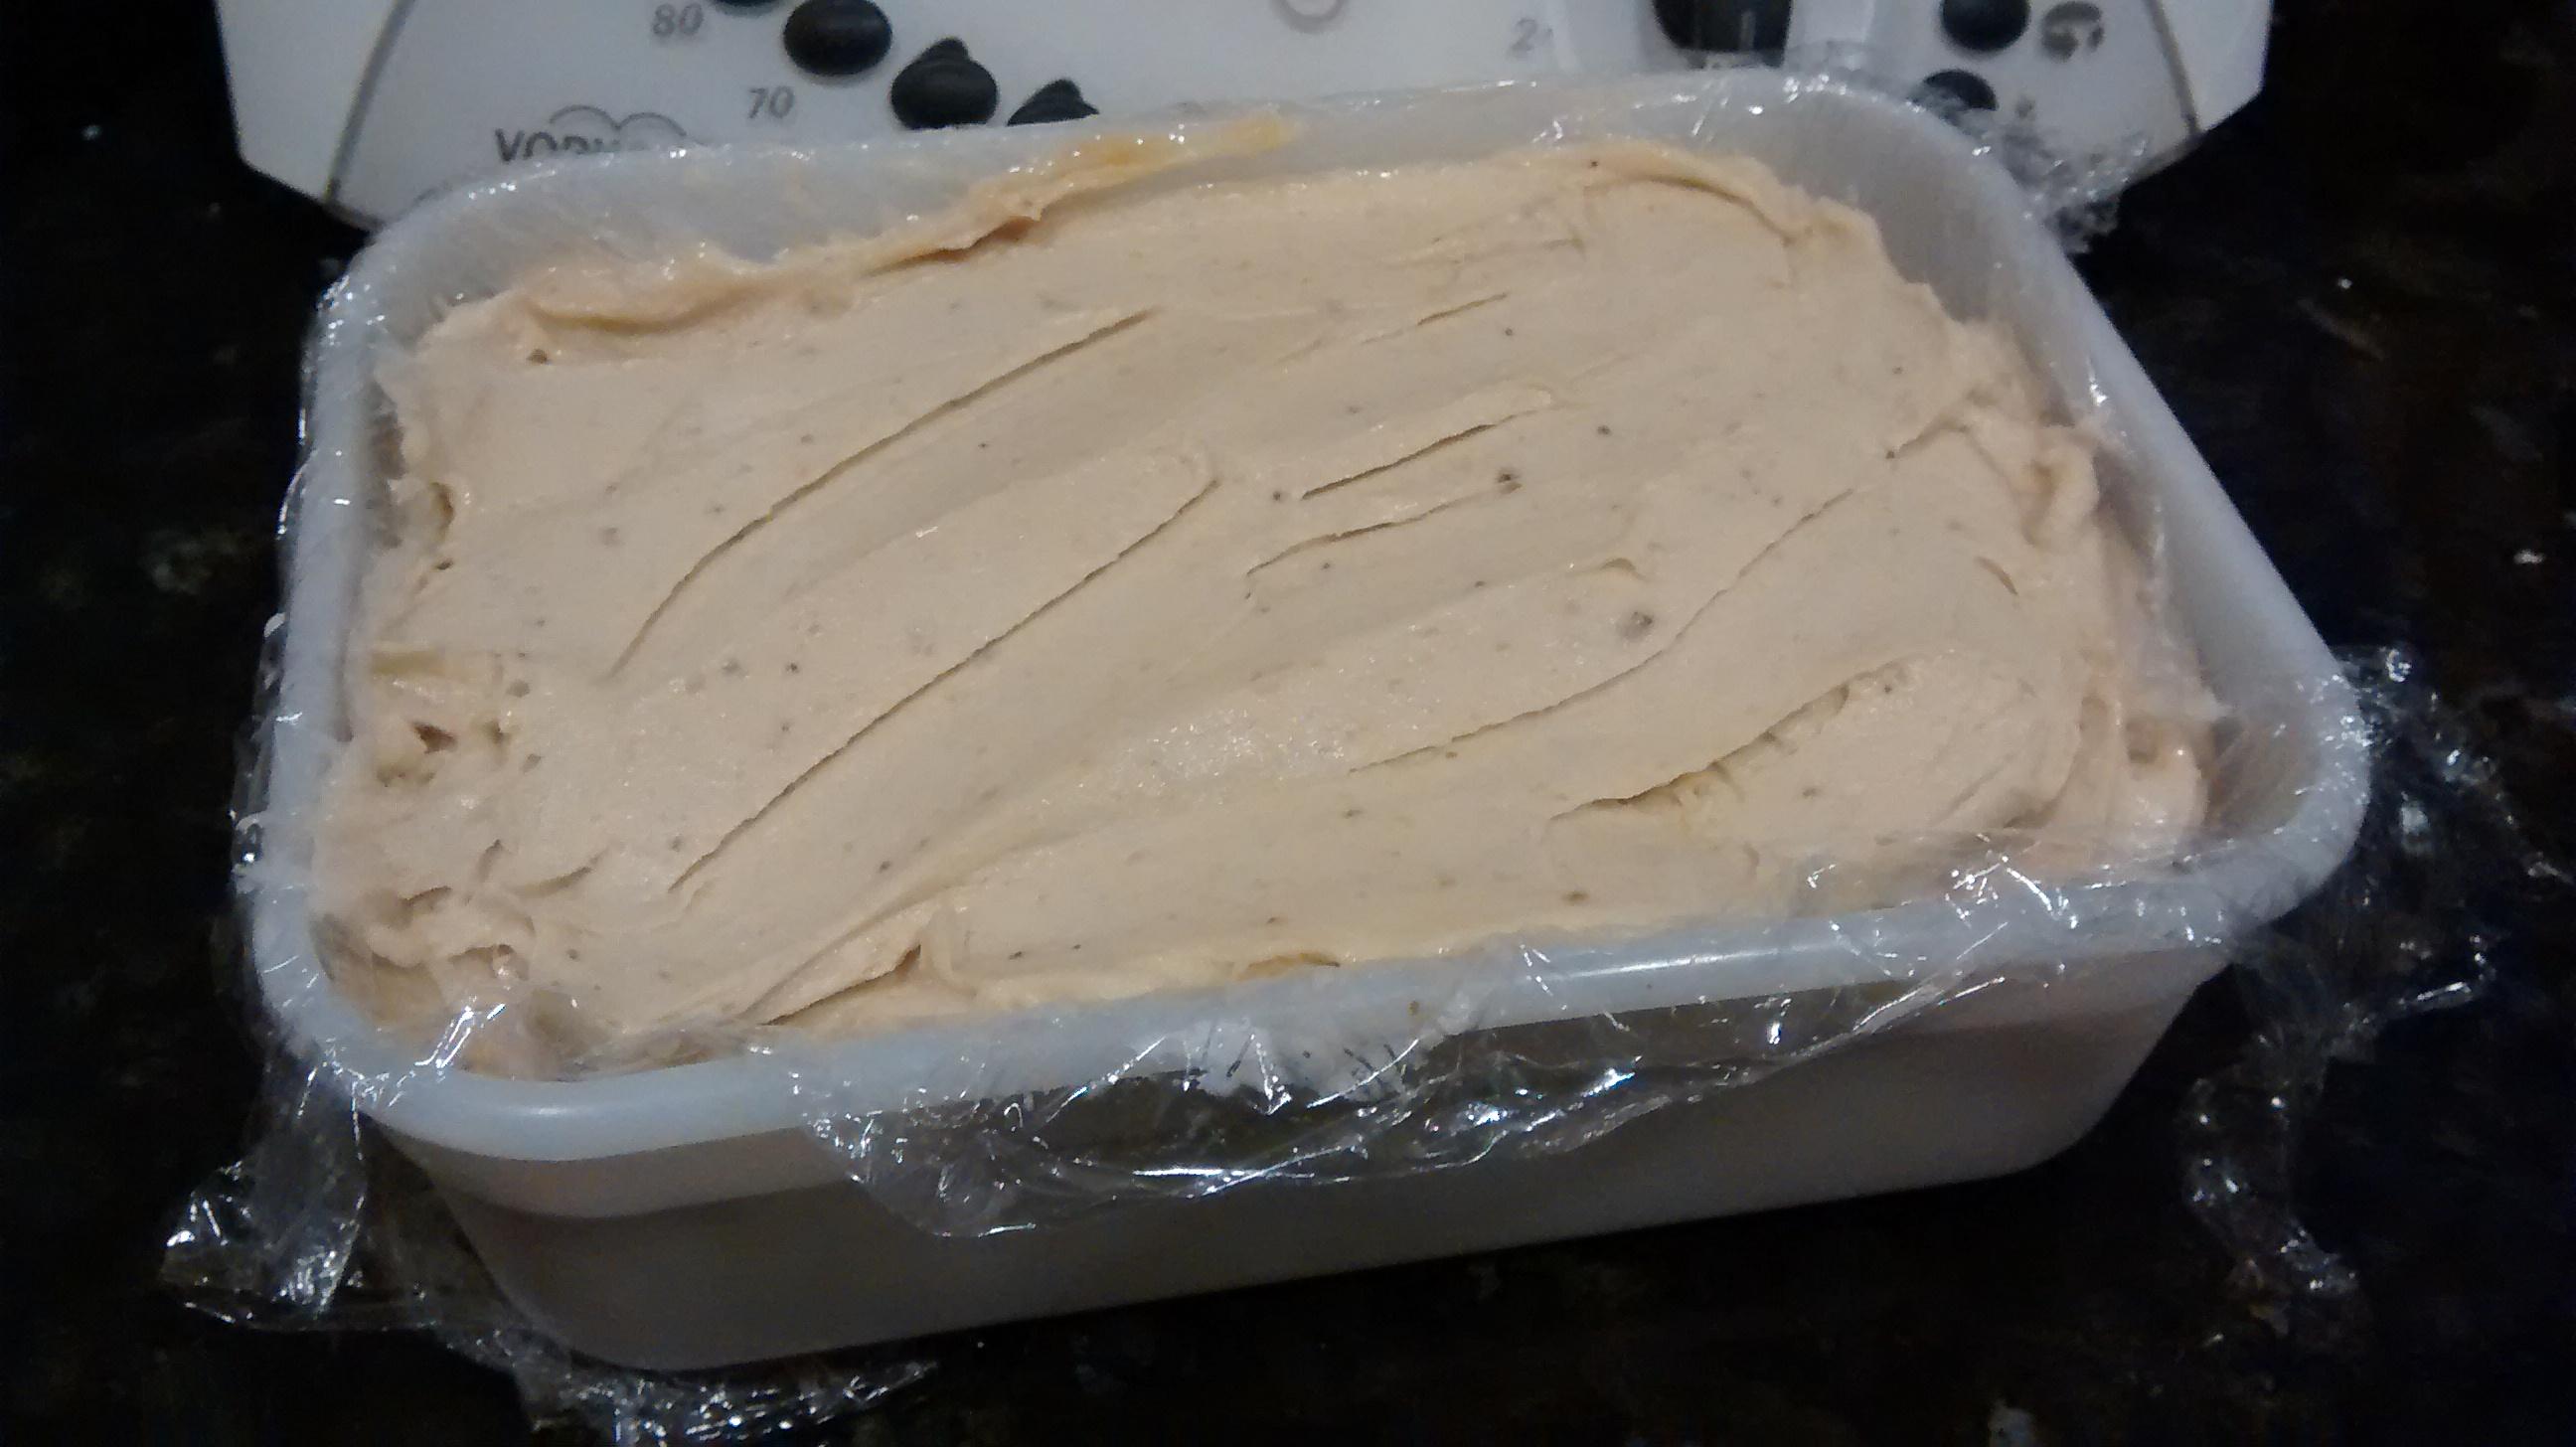 Crema base de helado y cómo transformarla en otros sabores con Thermomix®